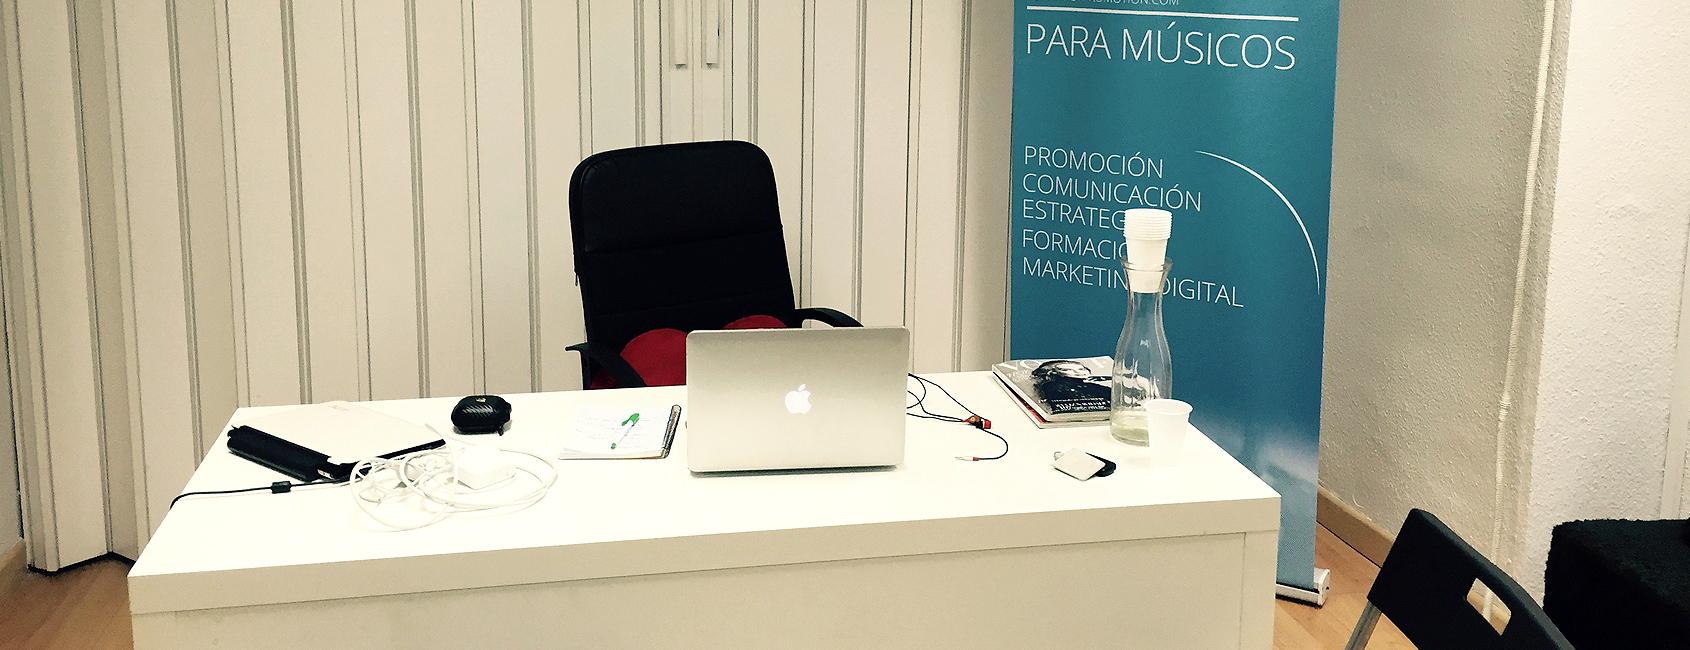 Nuevas oficinas de Top Artist Promotion en Madrid